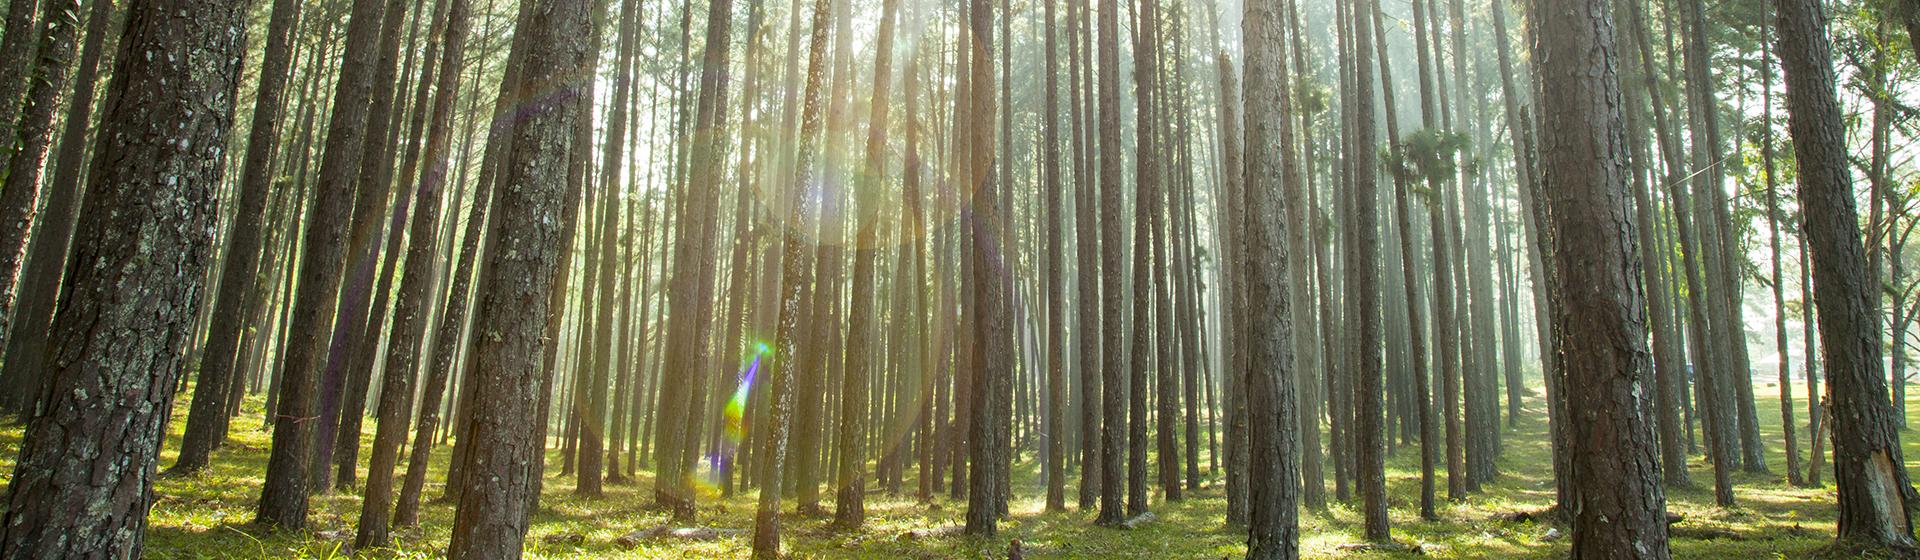 Wälder für die Welt